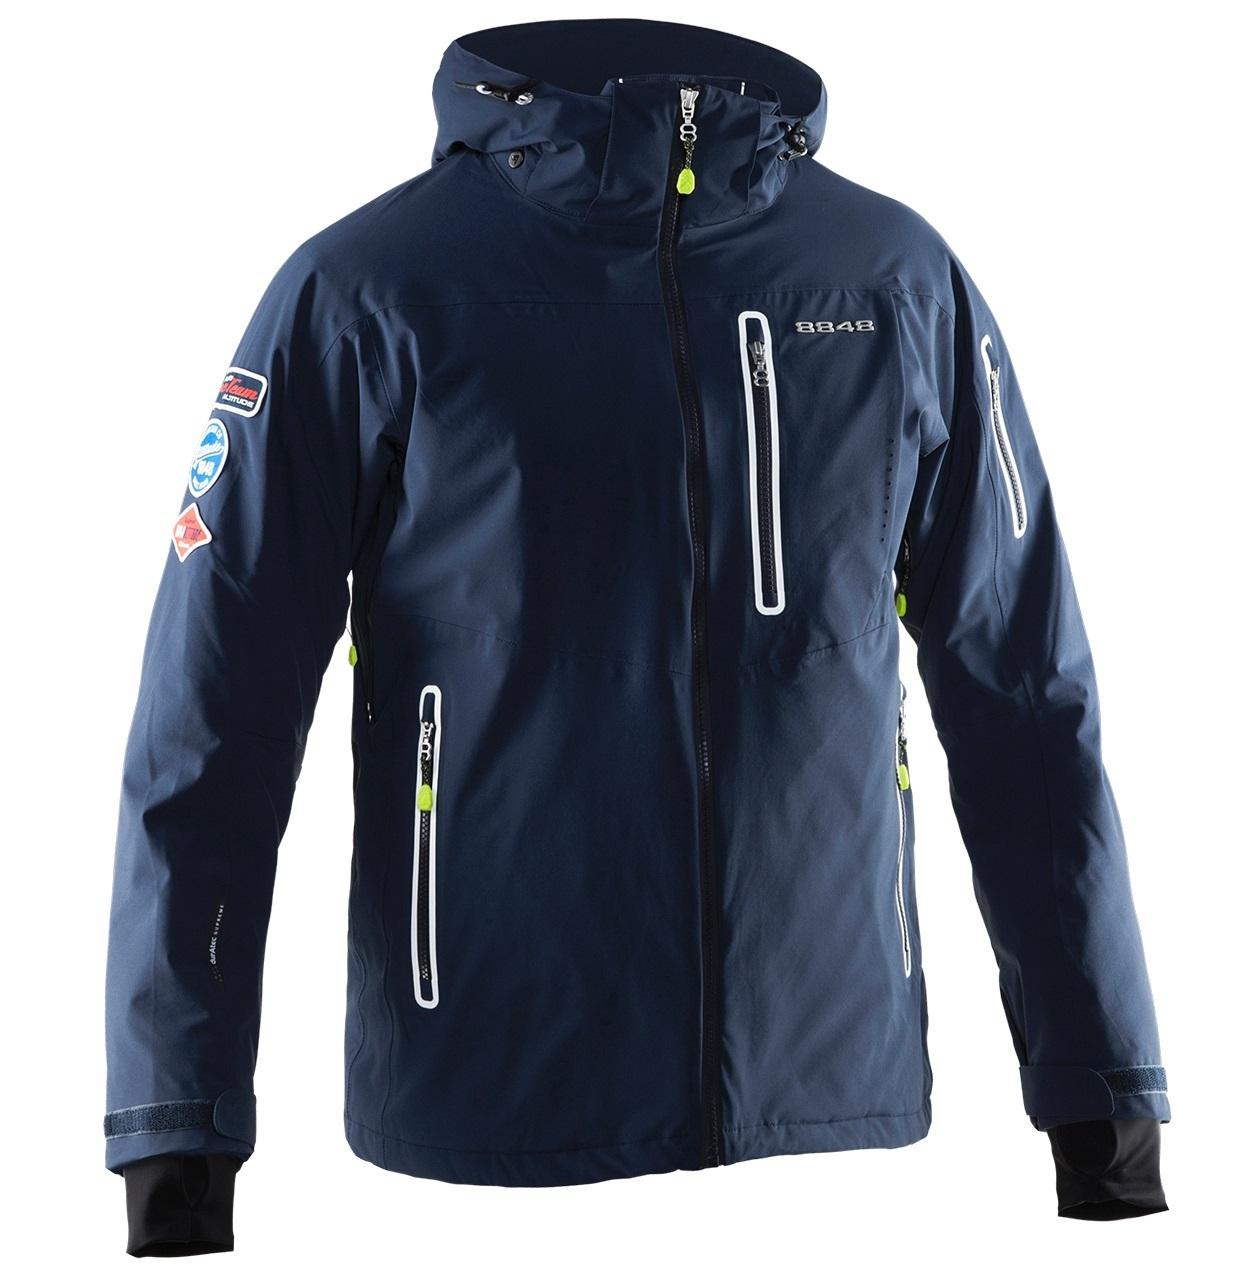 Мужская горнолыжная куртка 8848 Altitude Hinault (701715) five-sport.ru